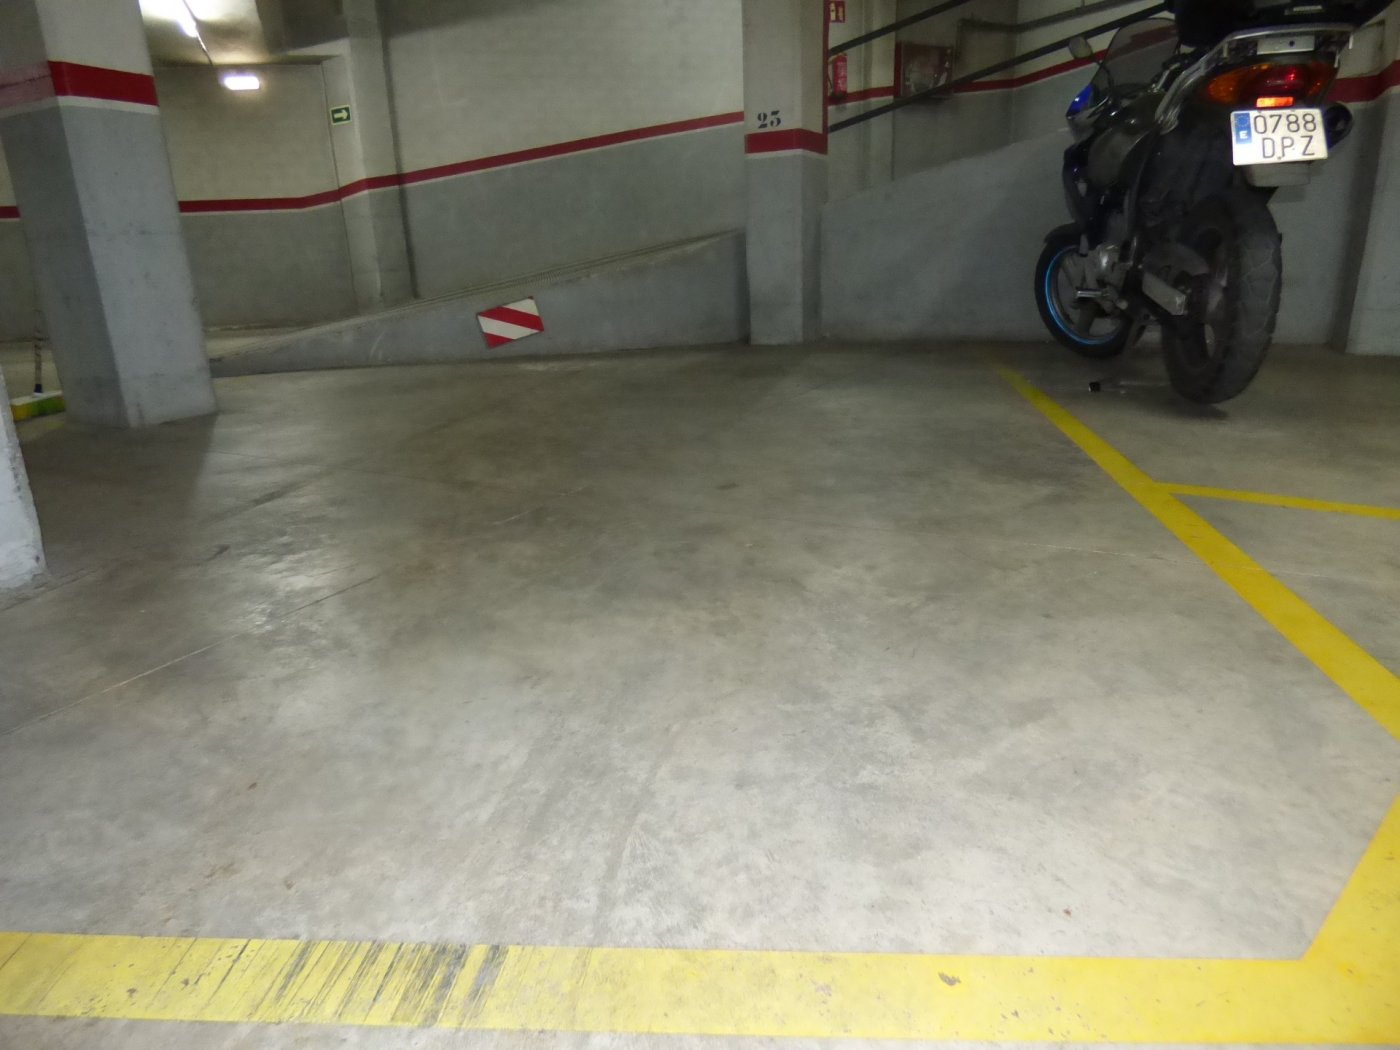 plaza de aparcamiento en venta en zona de oms i de prat (manresa)